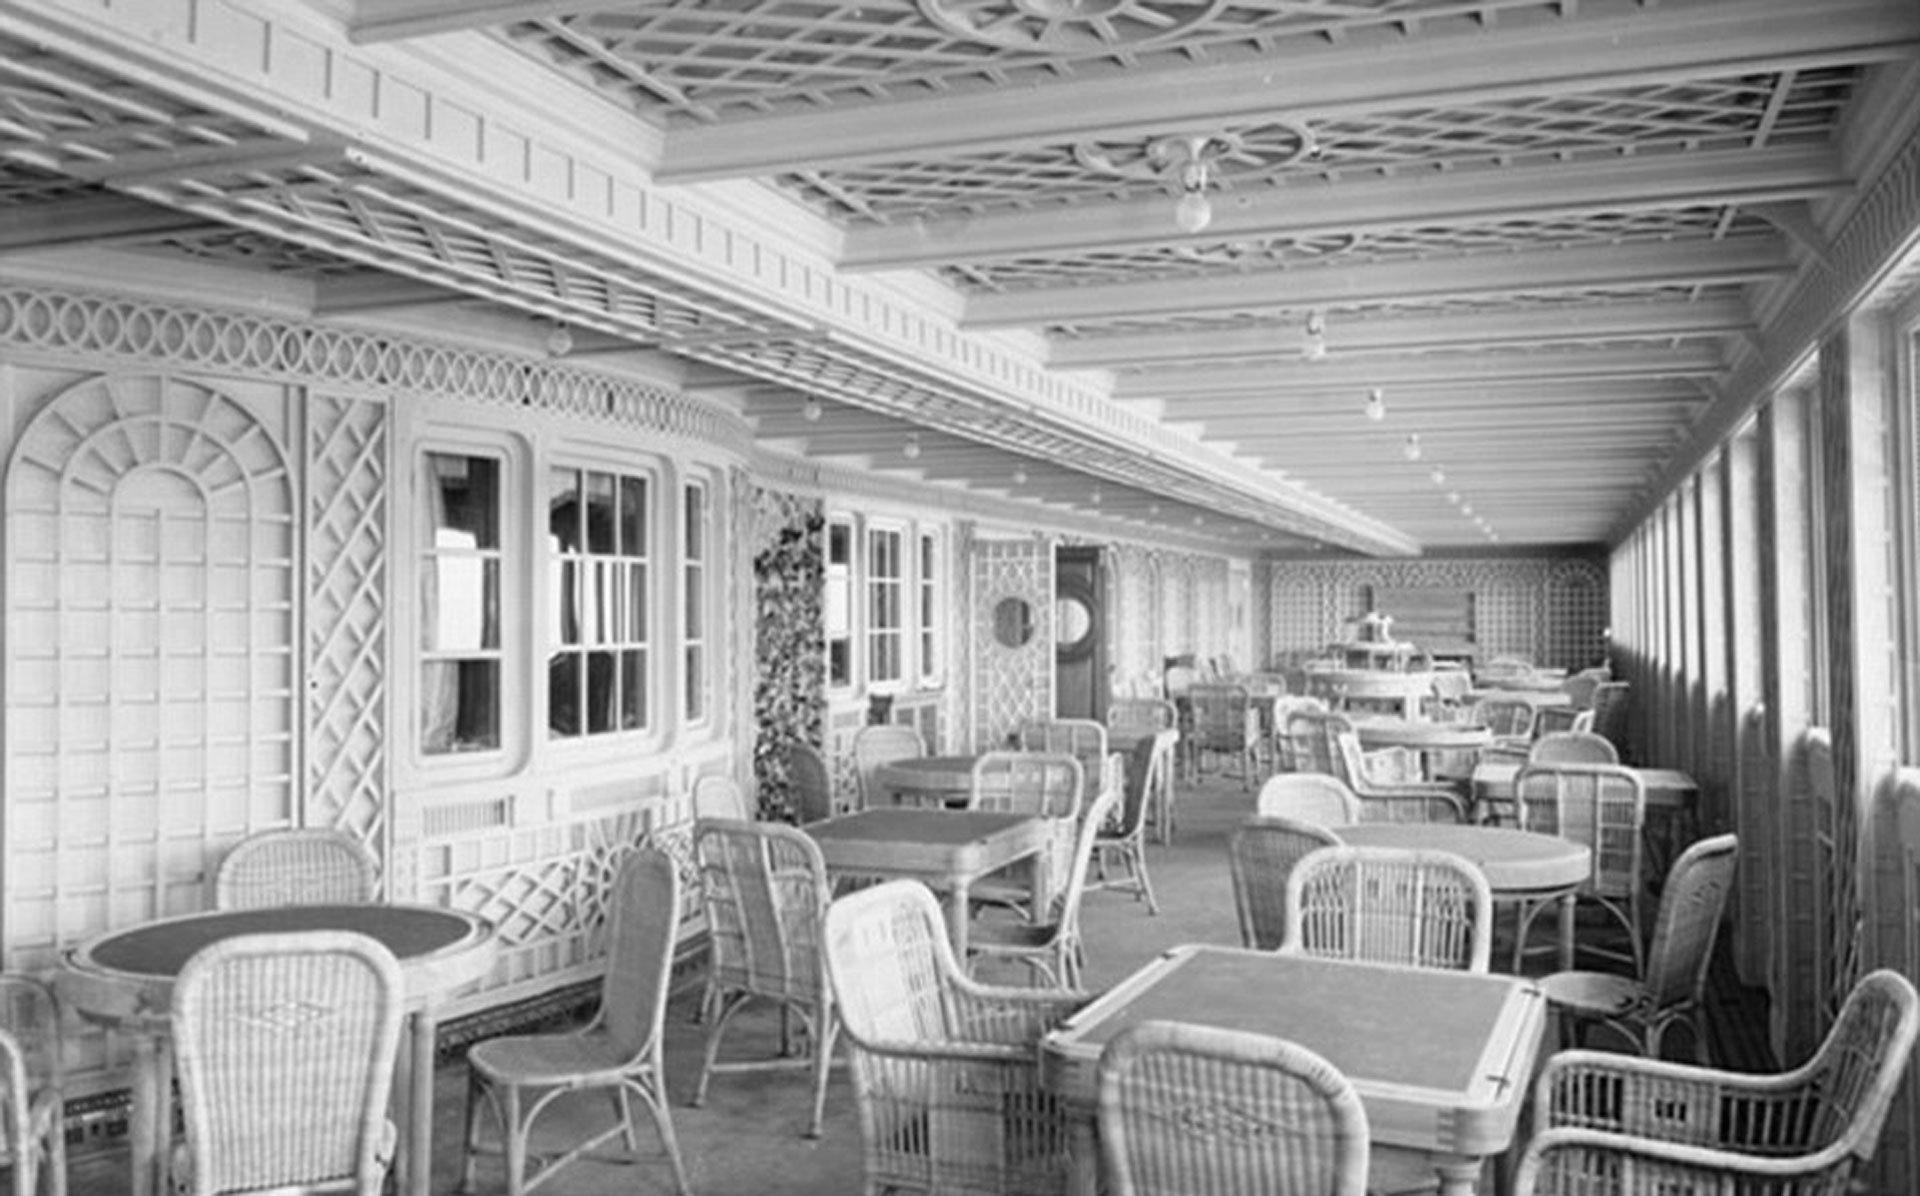 Café Parisien, tal como estaba en abril de 1912, antes de que el Titanic chocara contra un iceberg en el océano Atlántico